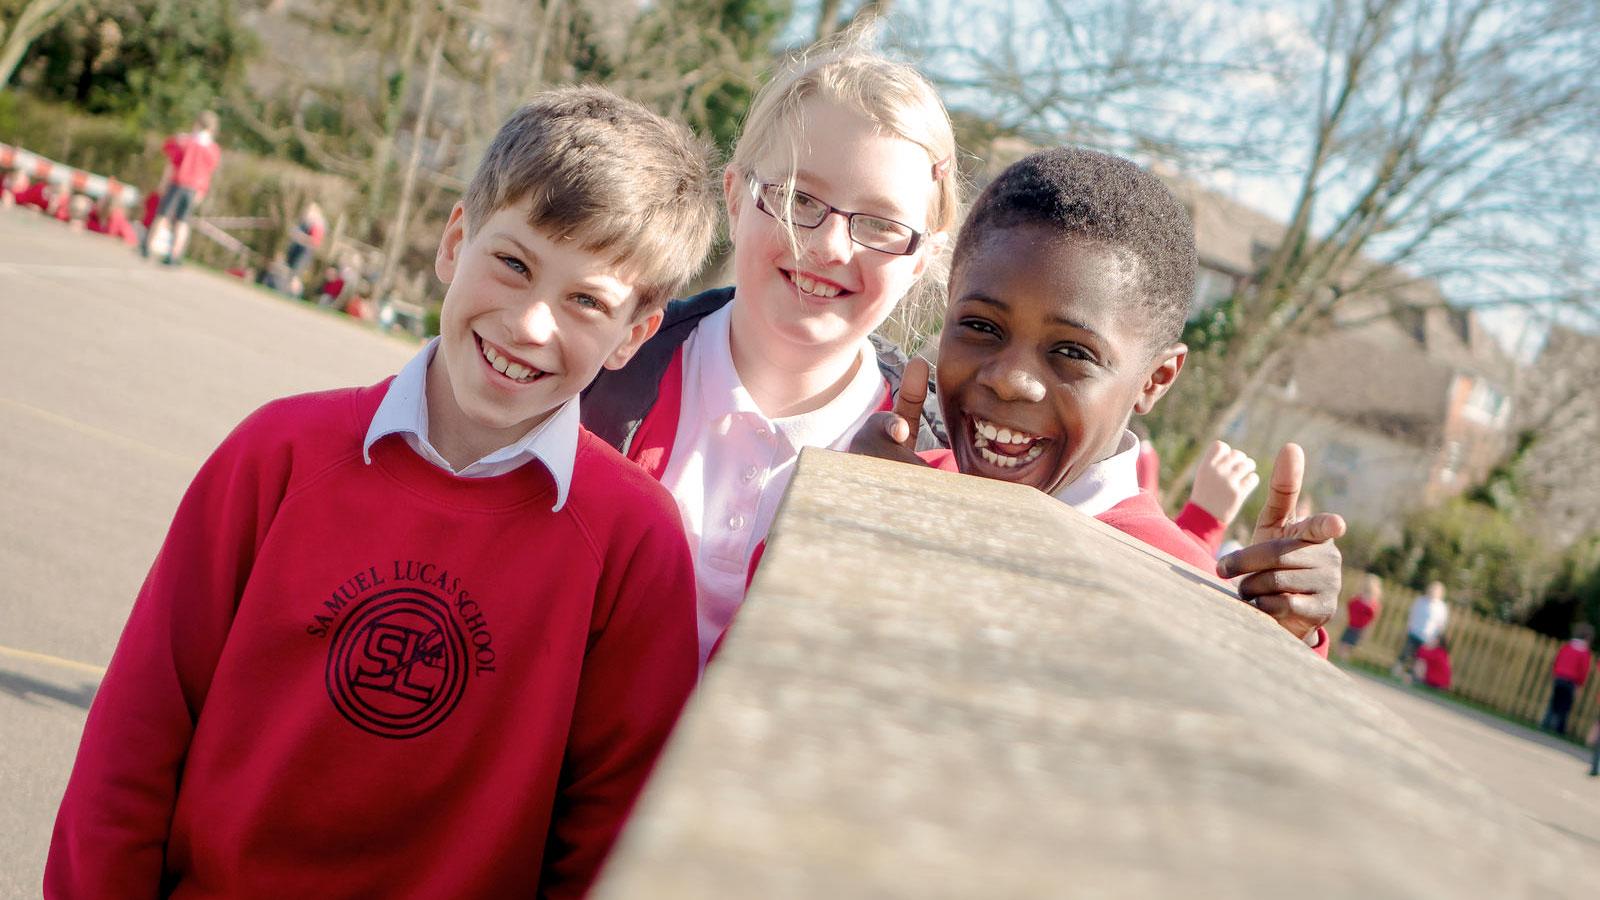 Three Children in Playground